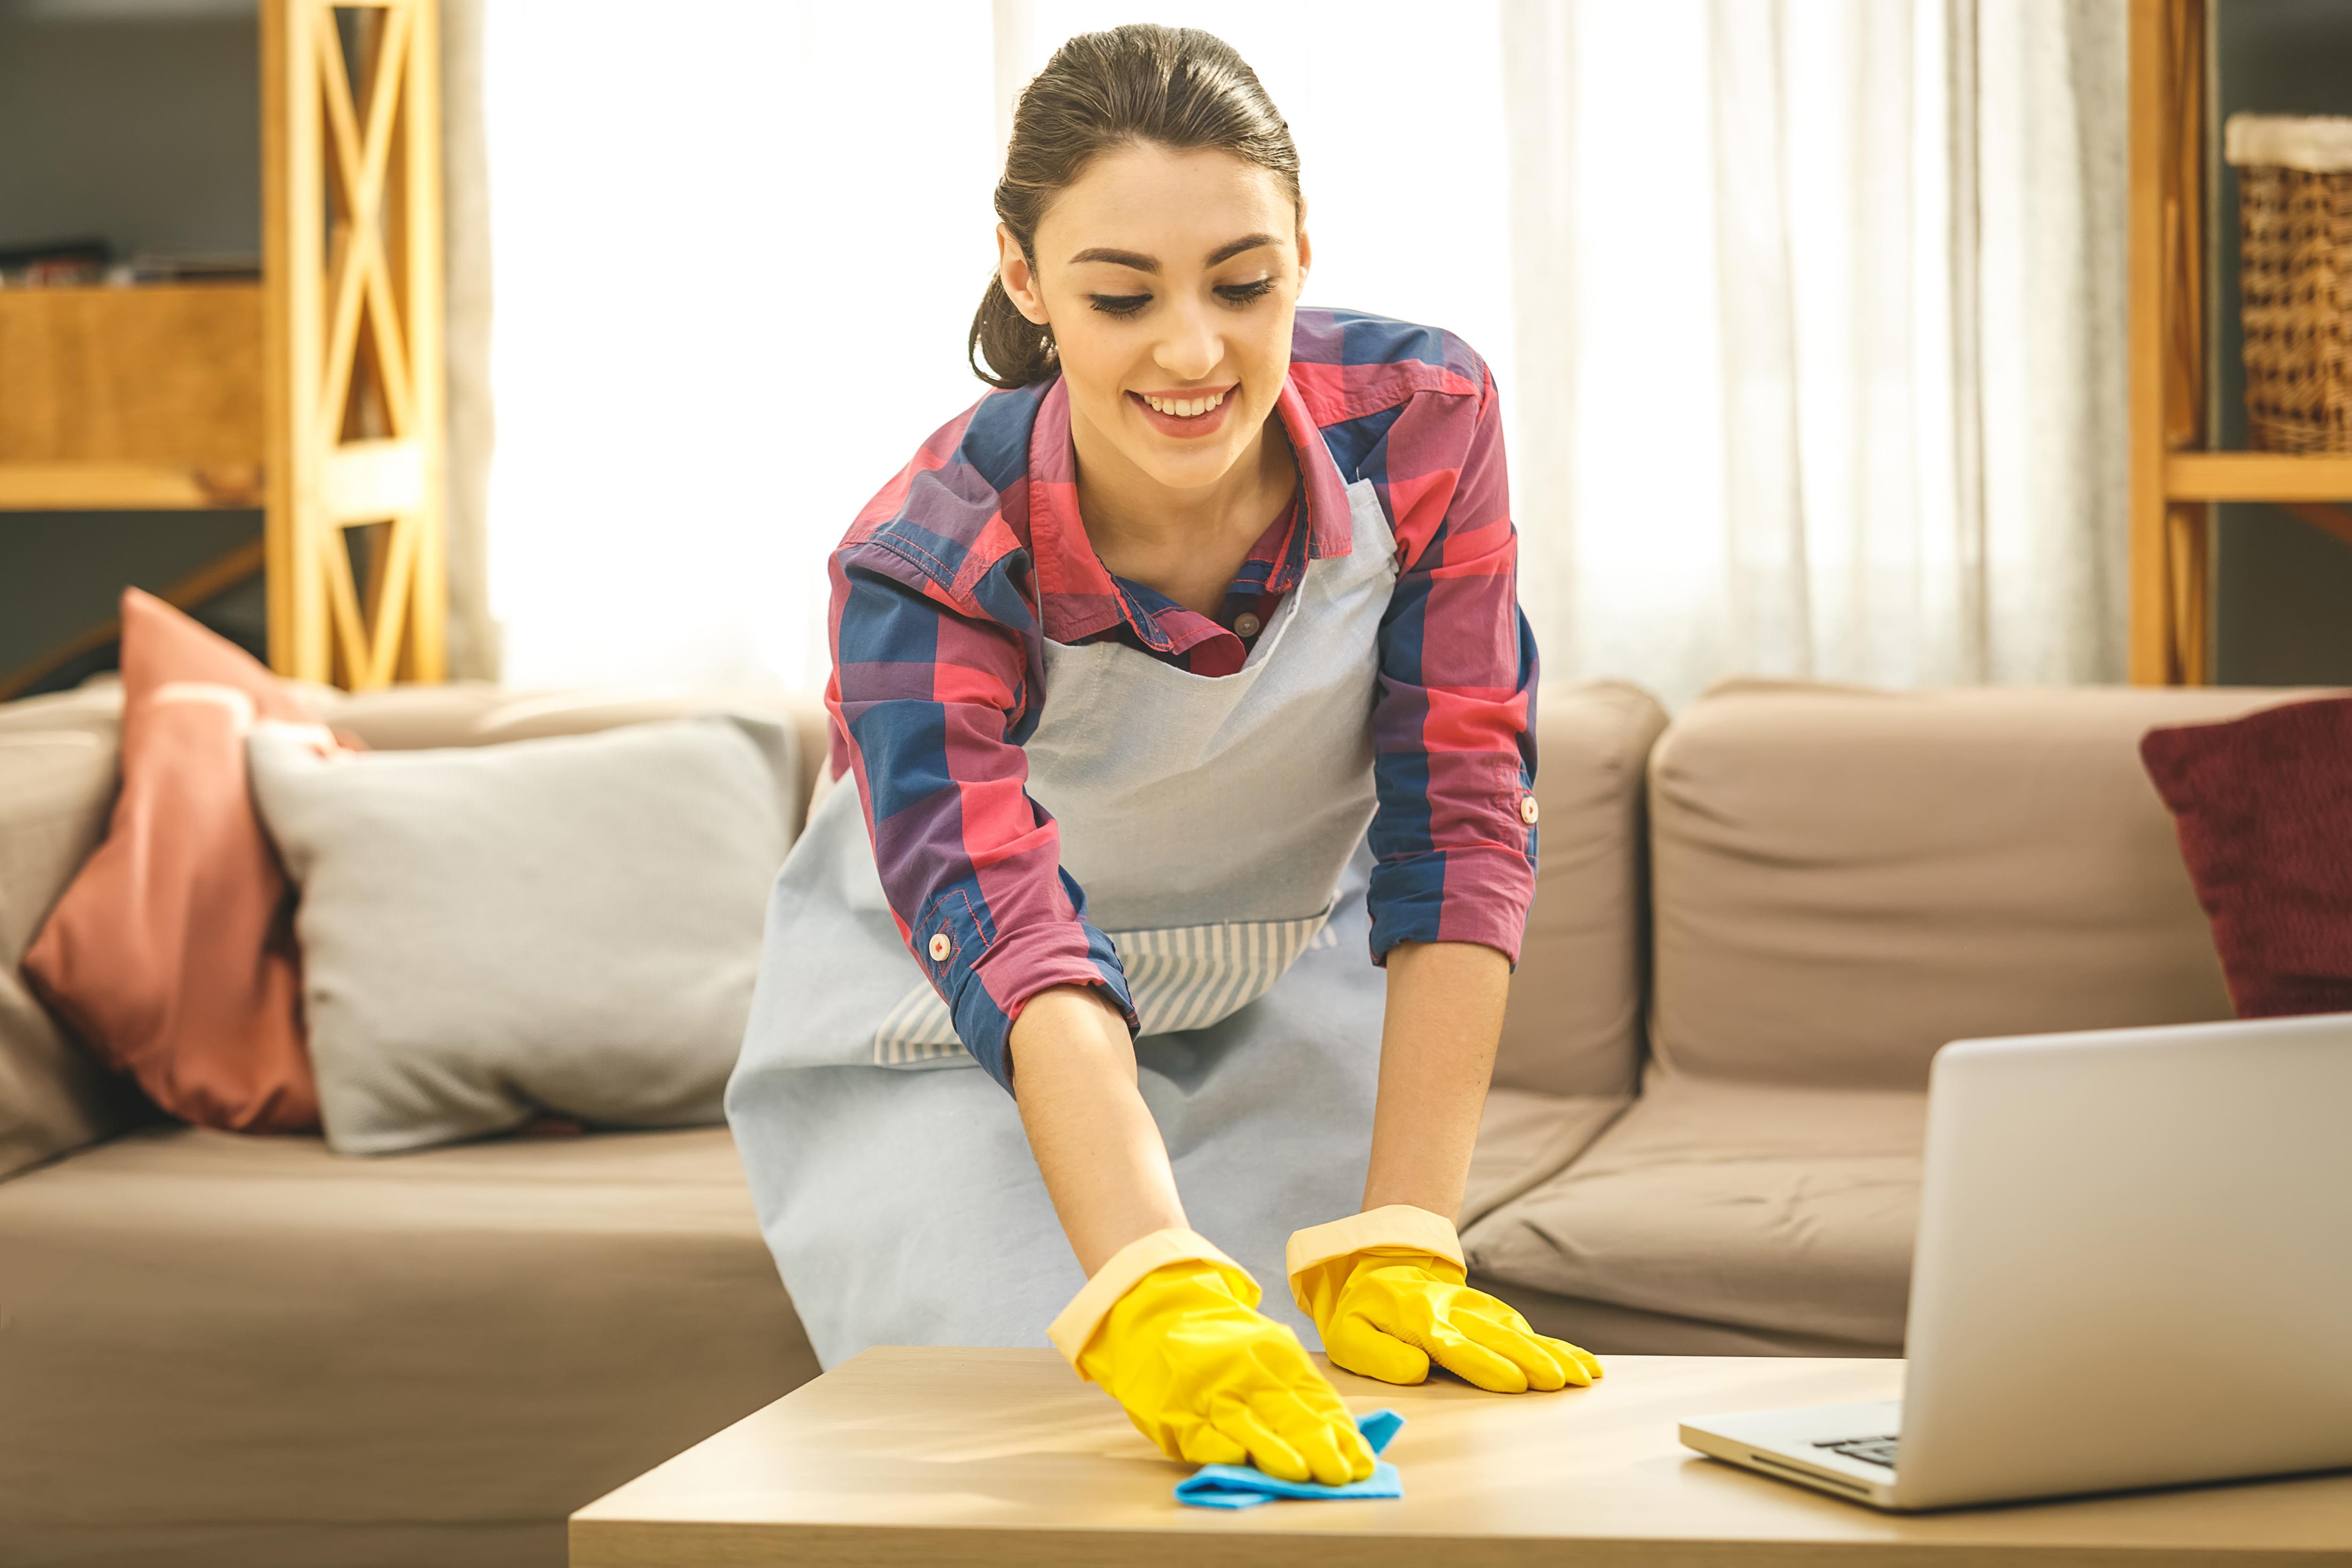 Consejos para mantener la casa limpia y ordenada